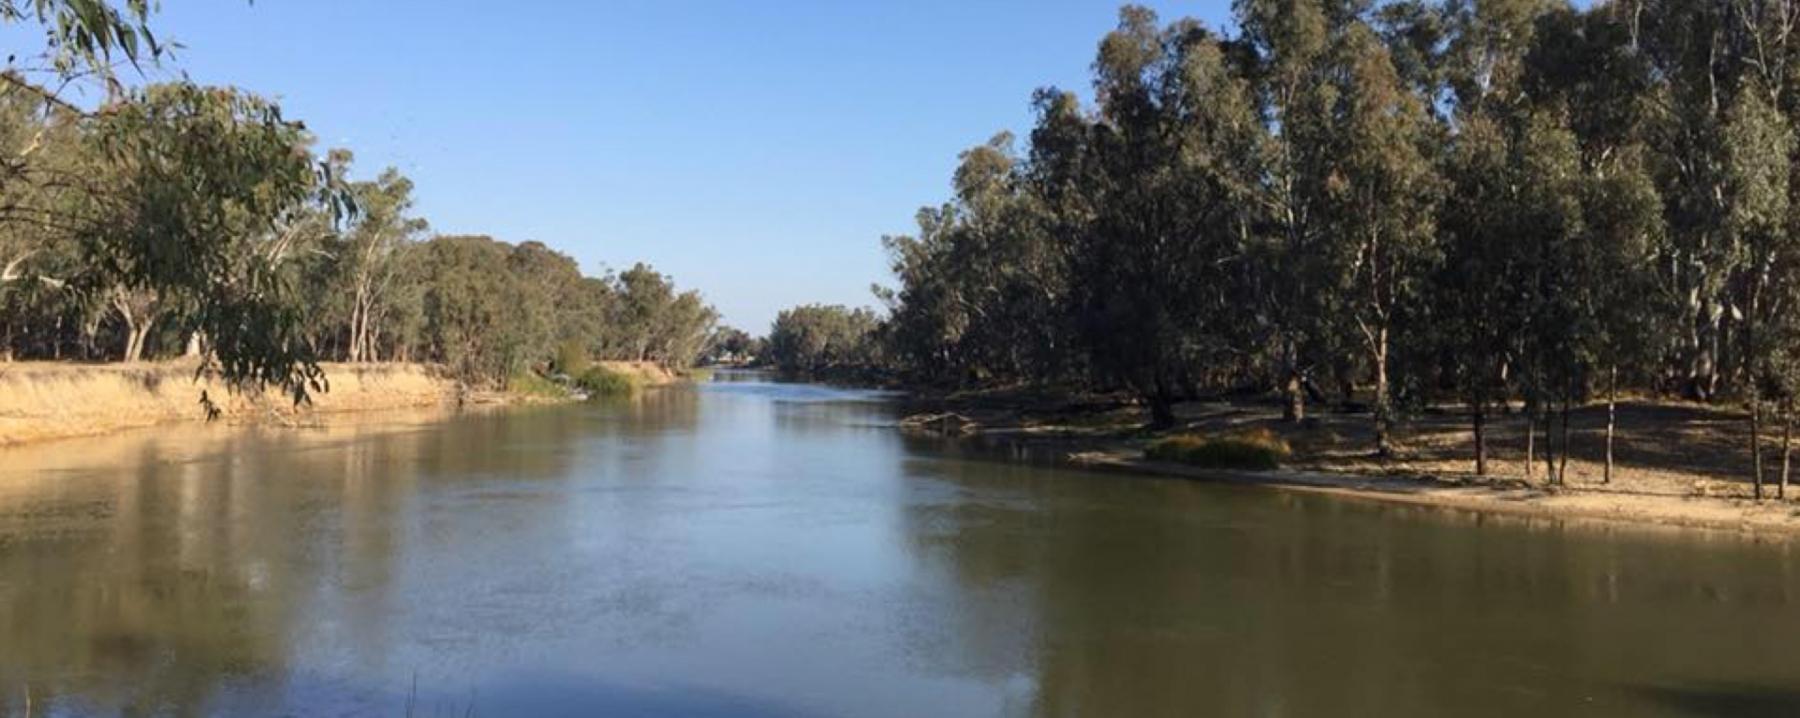 YYNAC-slider-1-river